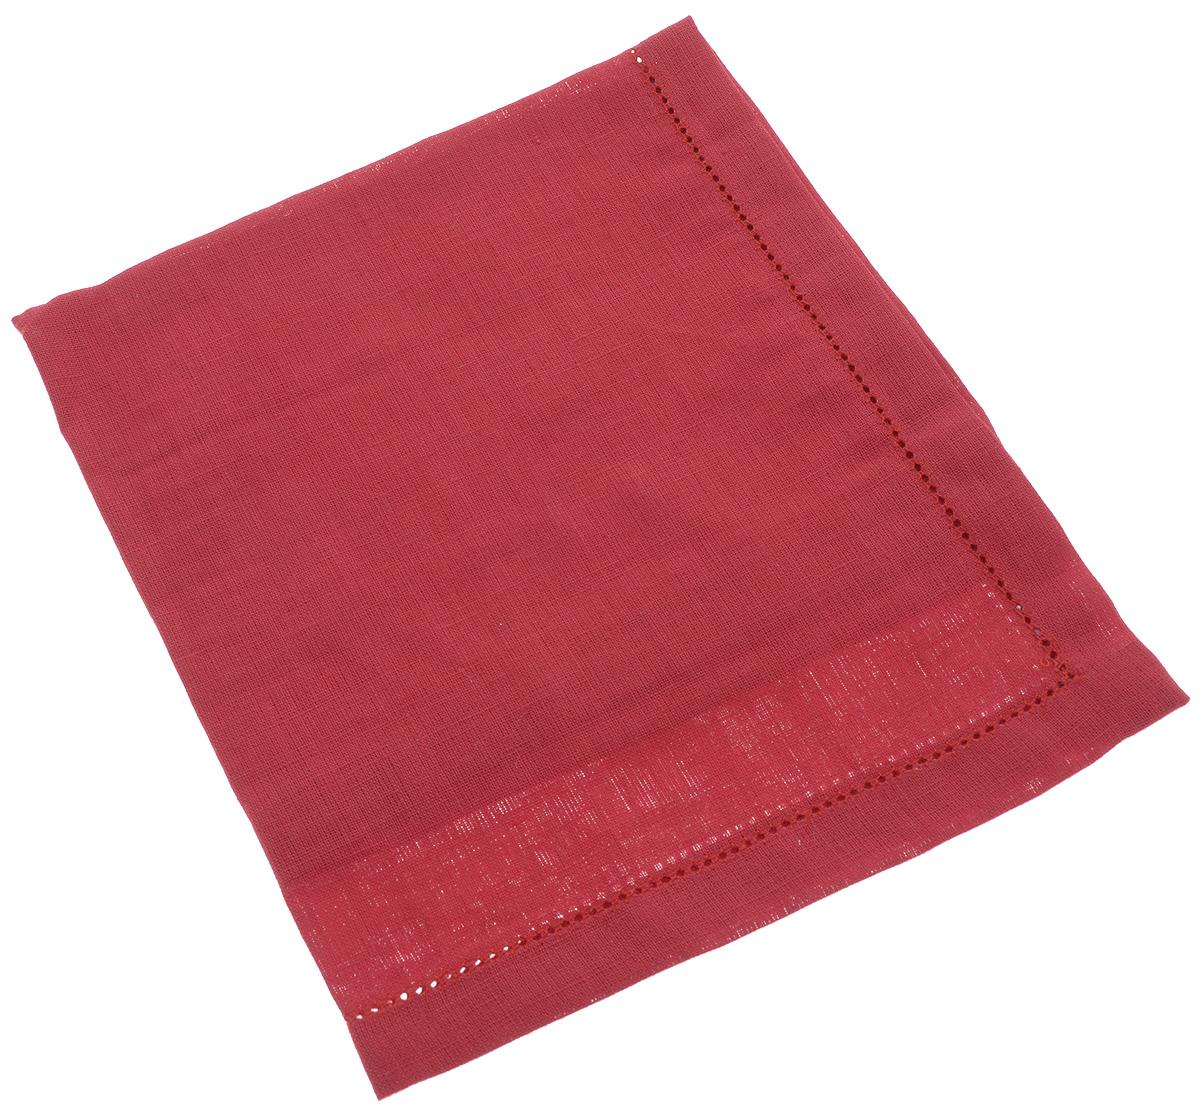 Салфетка для сервировки стола Гаврилов-Ямский Лен, цвет: красный, 42 х 42 см5со6120Салфетка Гаврилов-Ямский Лен, выполненная из натурального льна, является незаменимым элементом праздничной сервировки. Лён - поистине, уникальный экологически чистый материал. Изделия из льна обладают уникальными потребительскими свойствами.Салфетки из натурального льна придадут вашему дому уют и тепло.